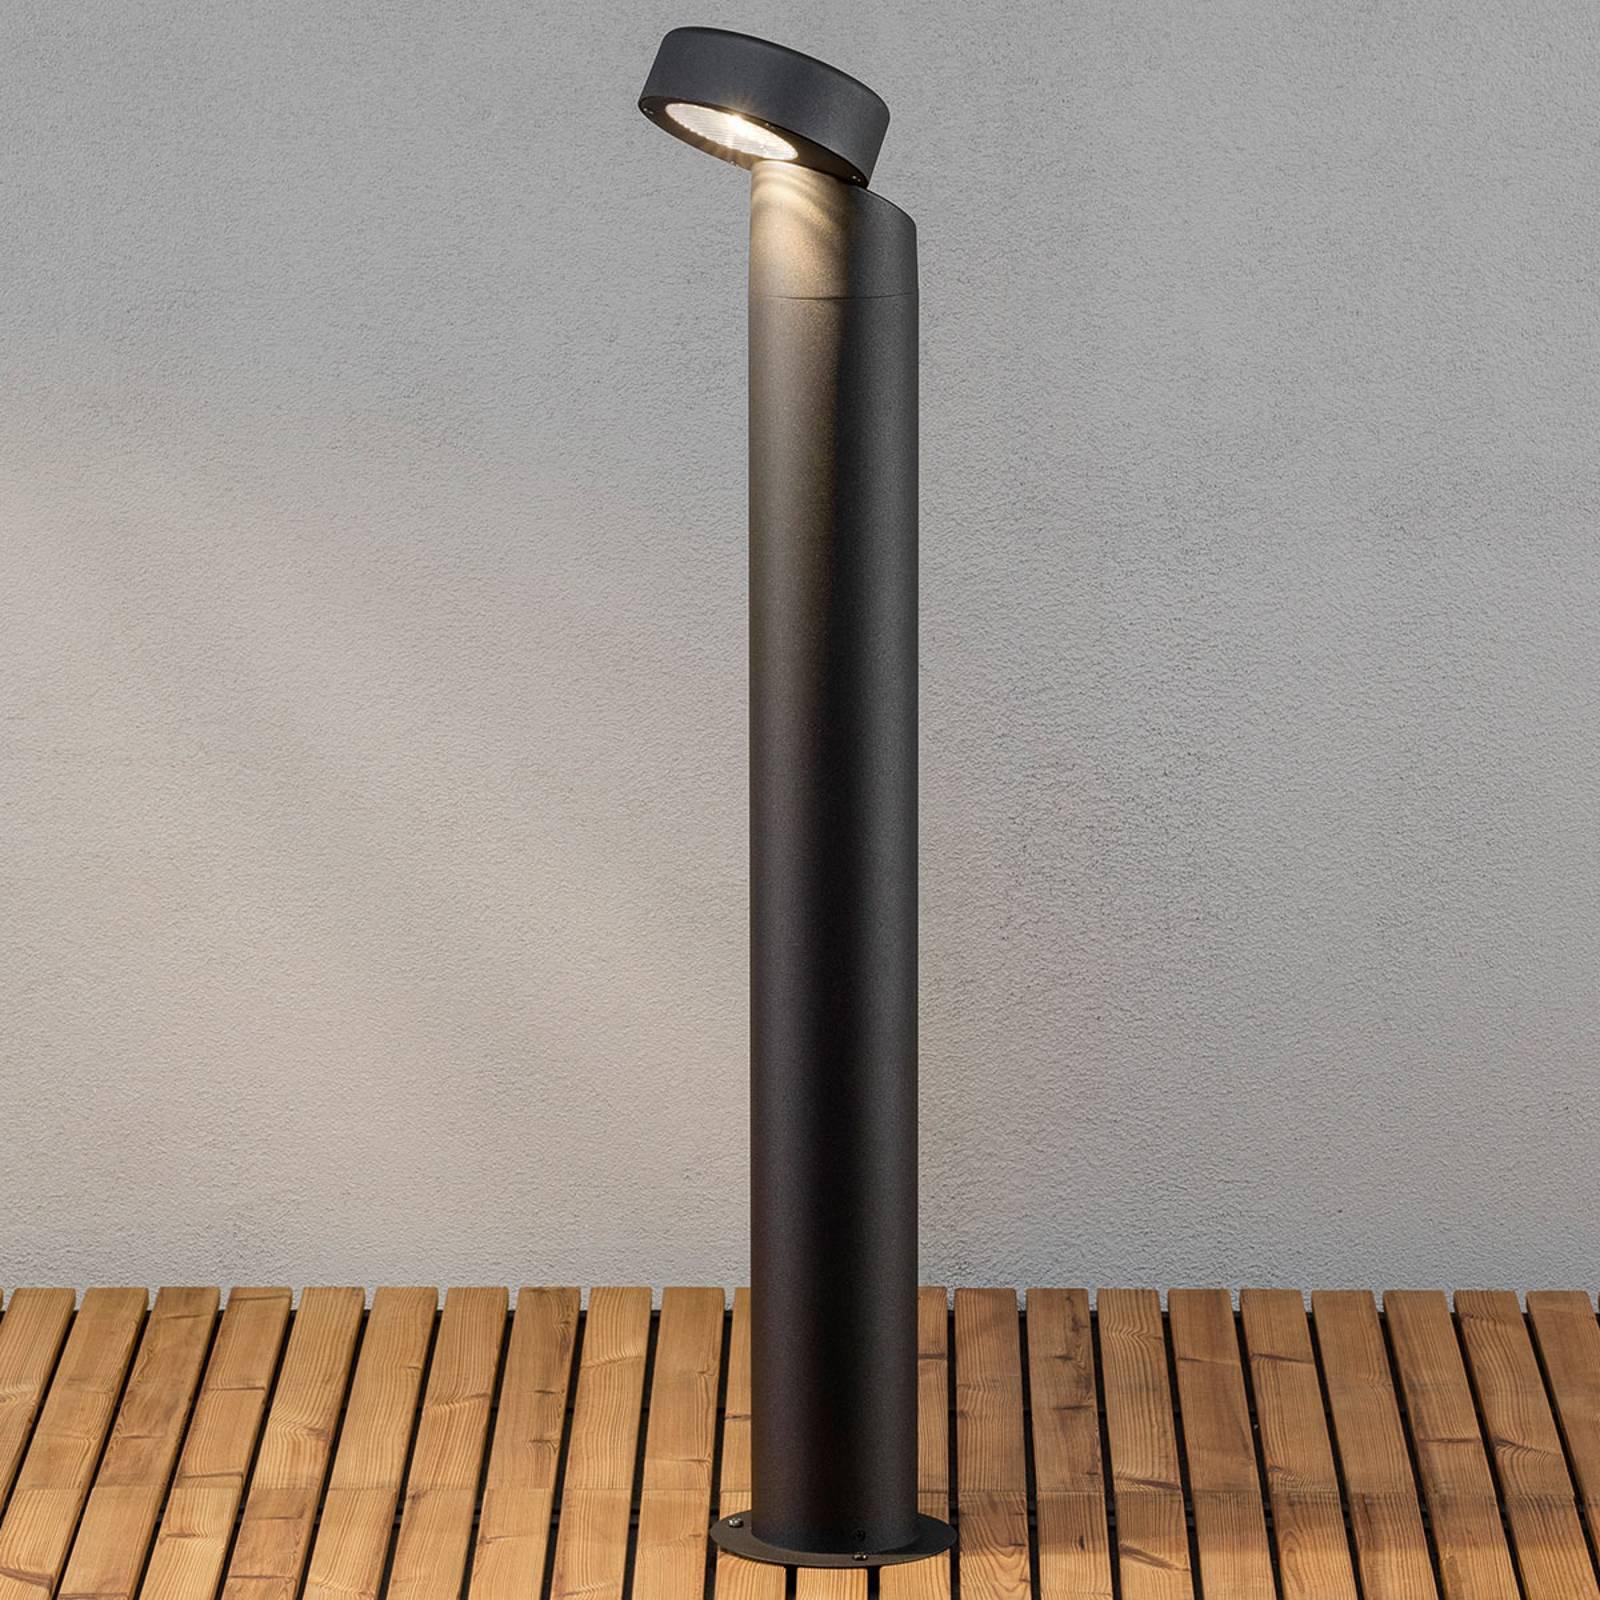 Vicenca puristisk LED-vegglampe, hode variabelt